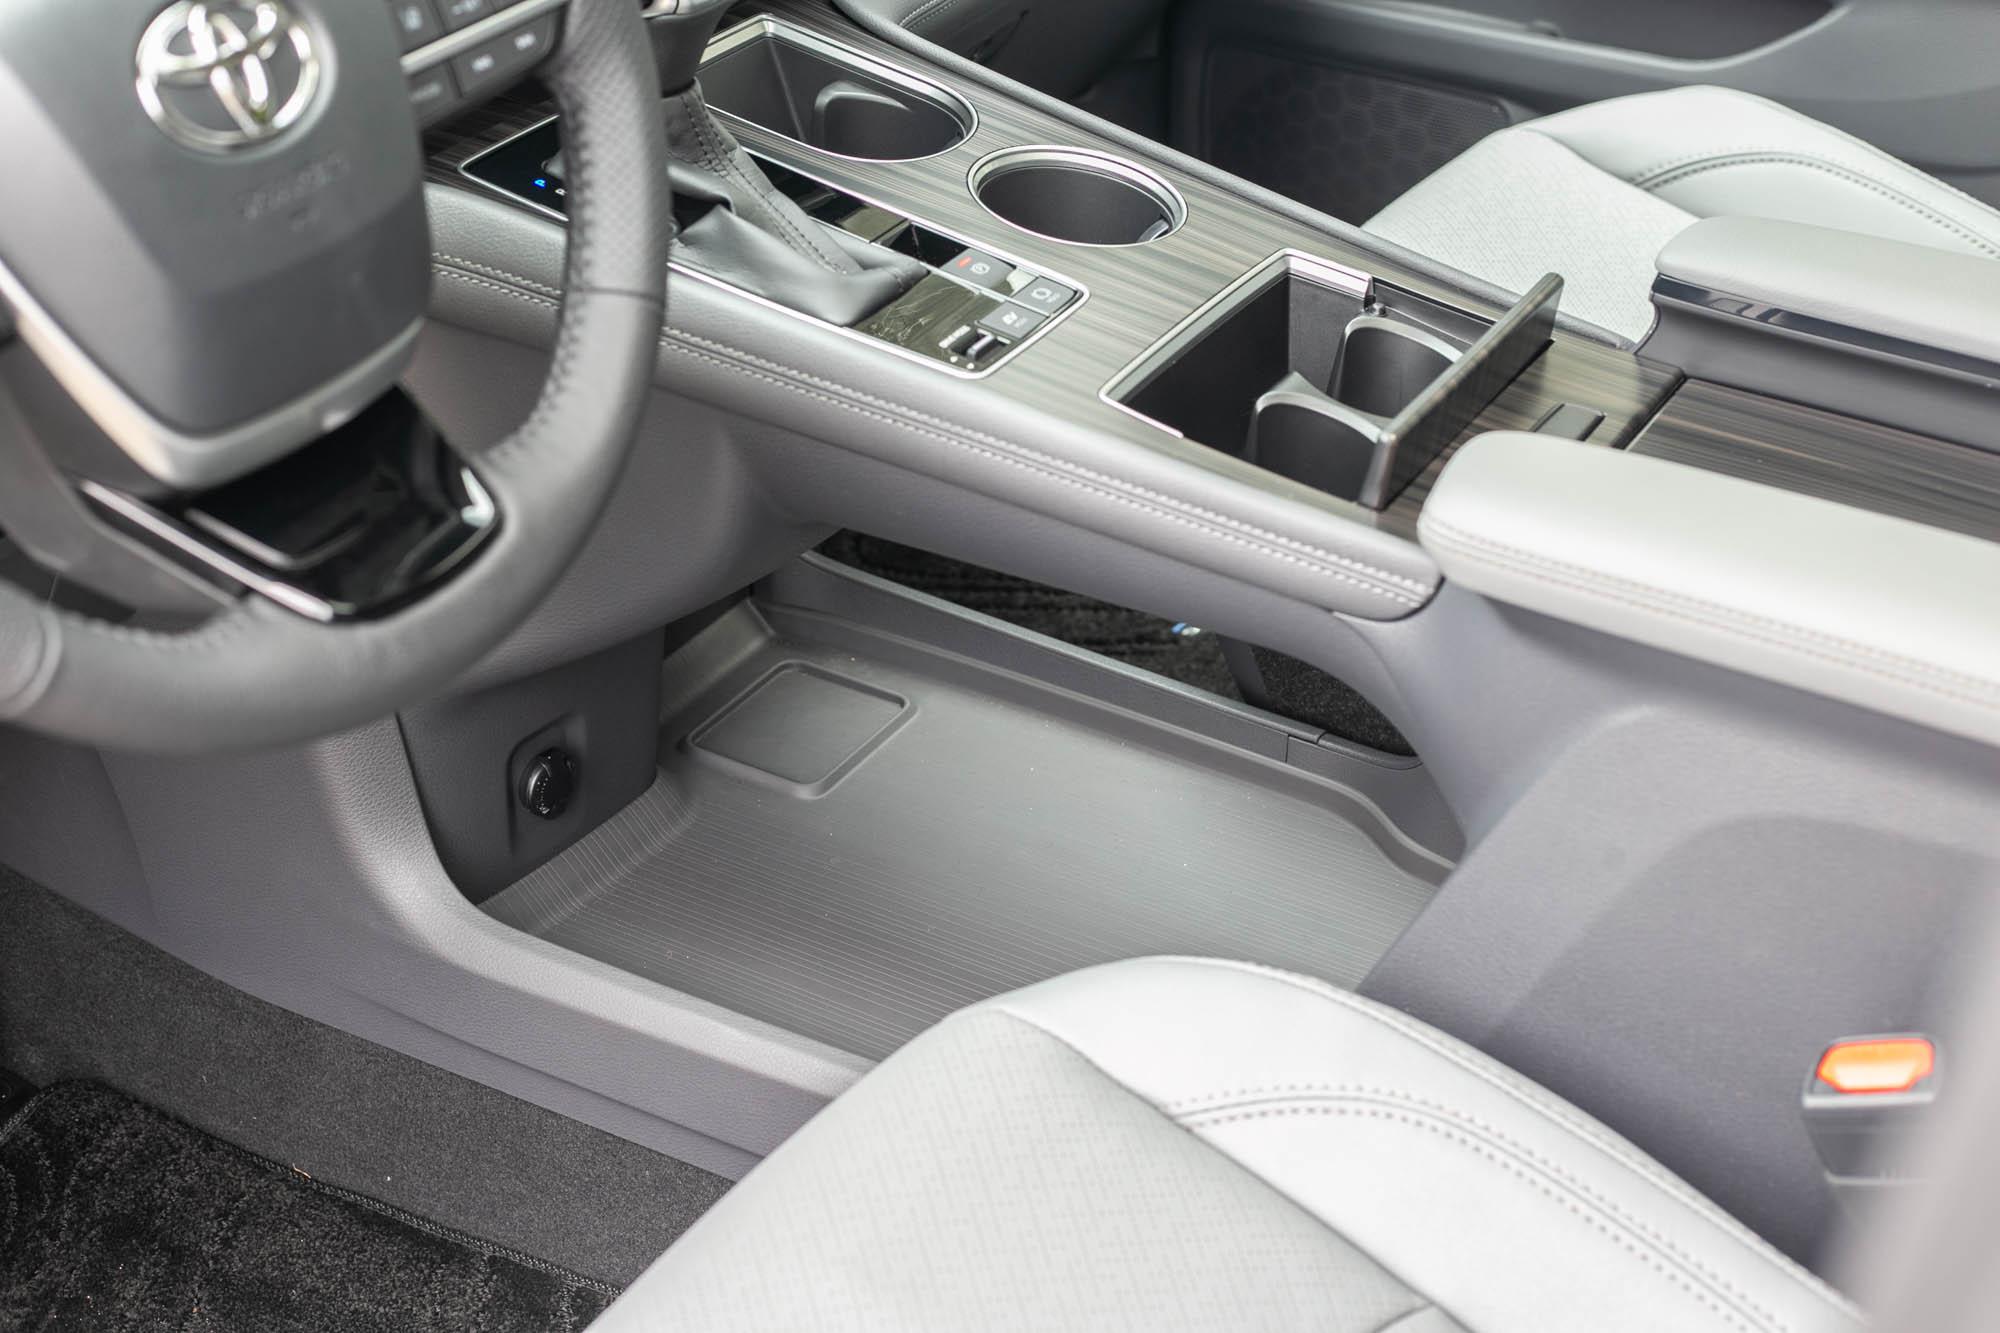 中央鞍座採取懸浮式,下方還有超大的置物平台。